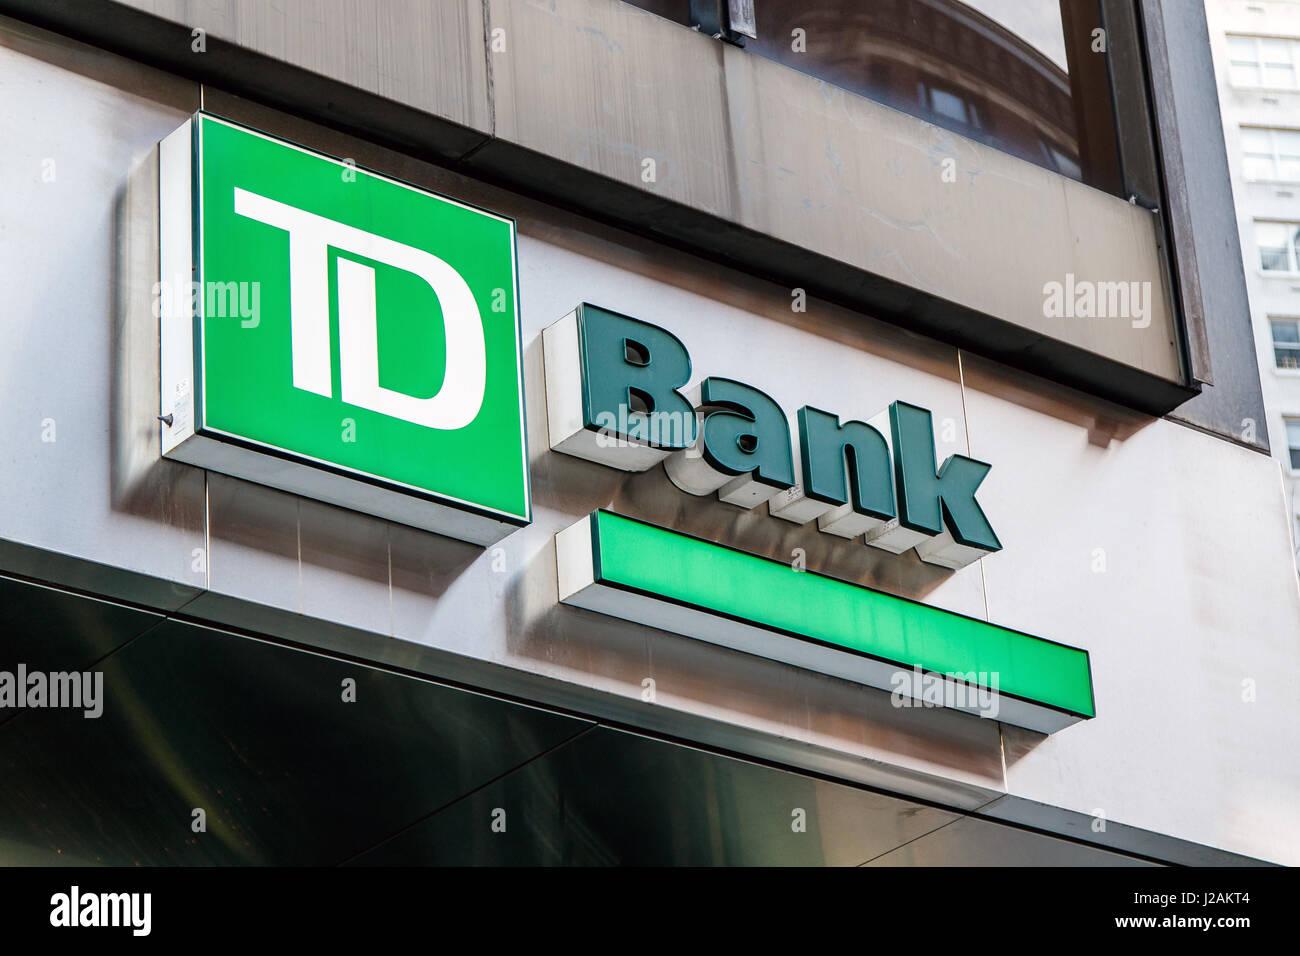 Td Bank Sign Stock Photos Td Bank Sign Stock Images Alamy